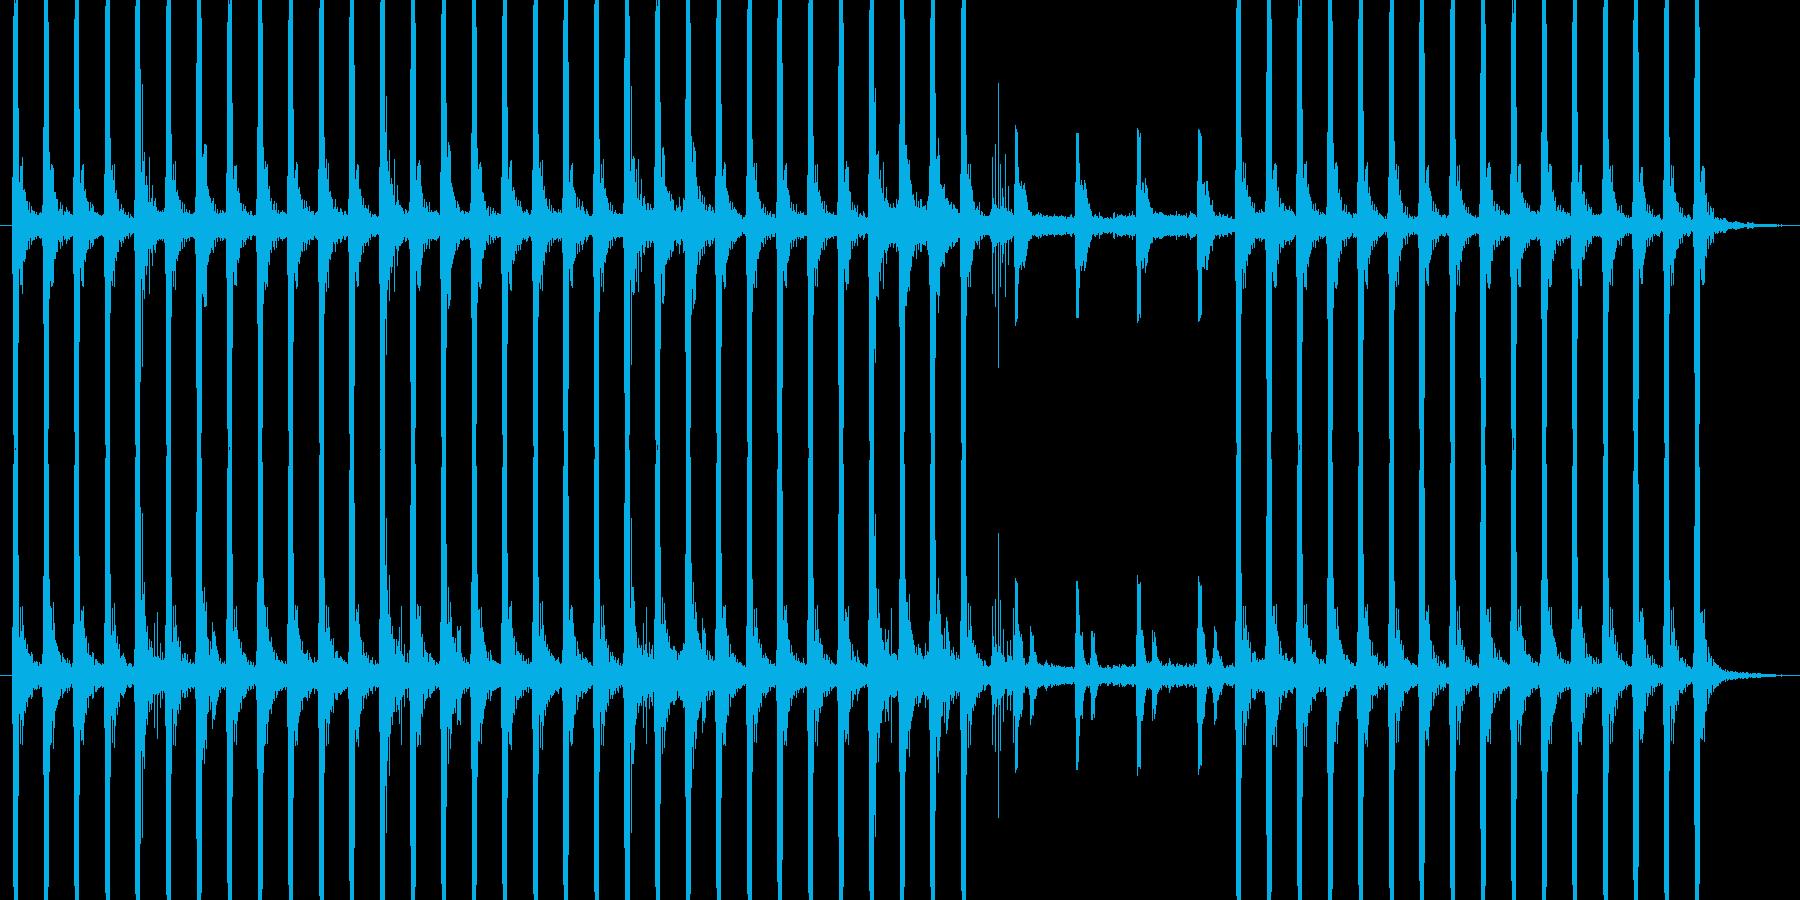 怪しいBGMの再生済みの波形